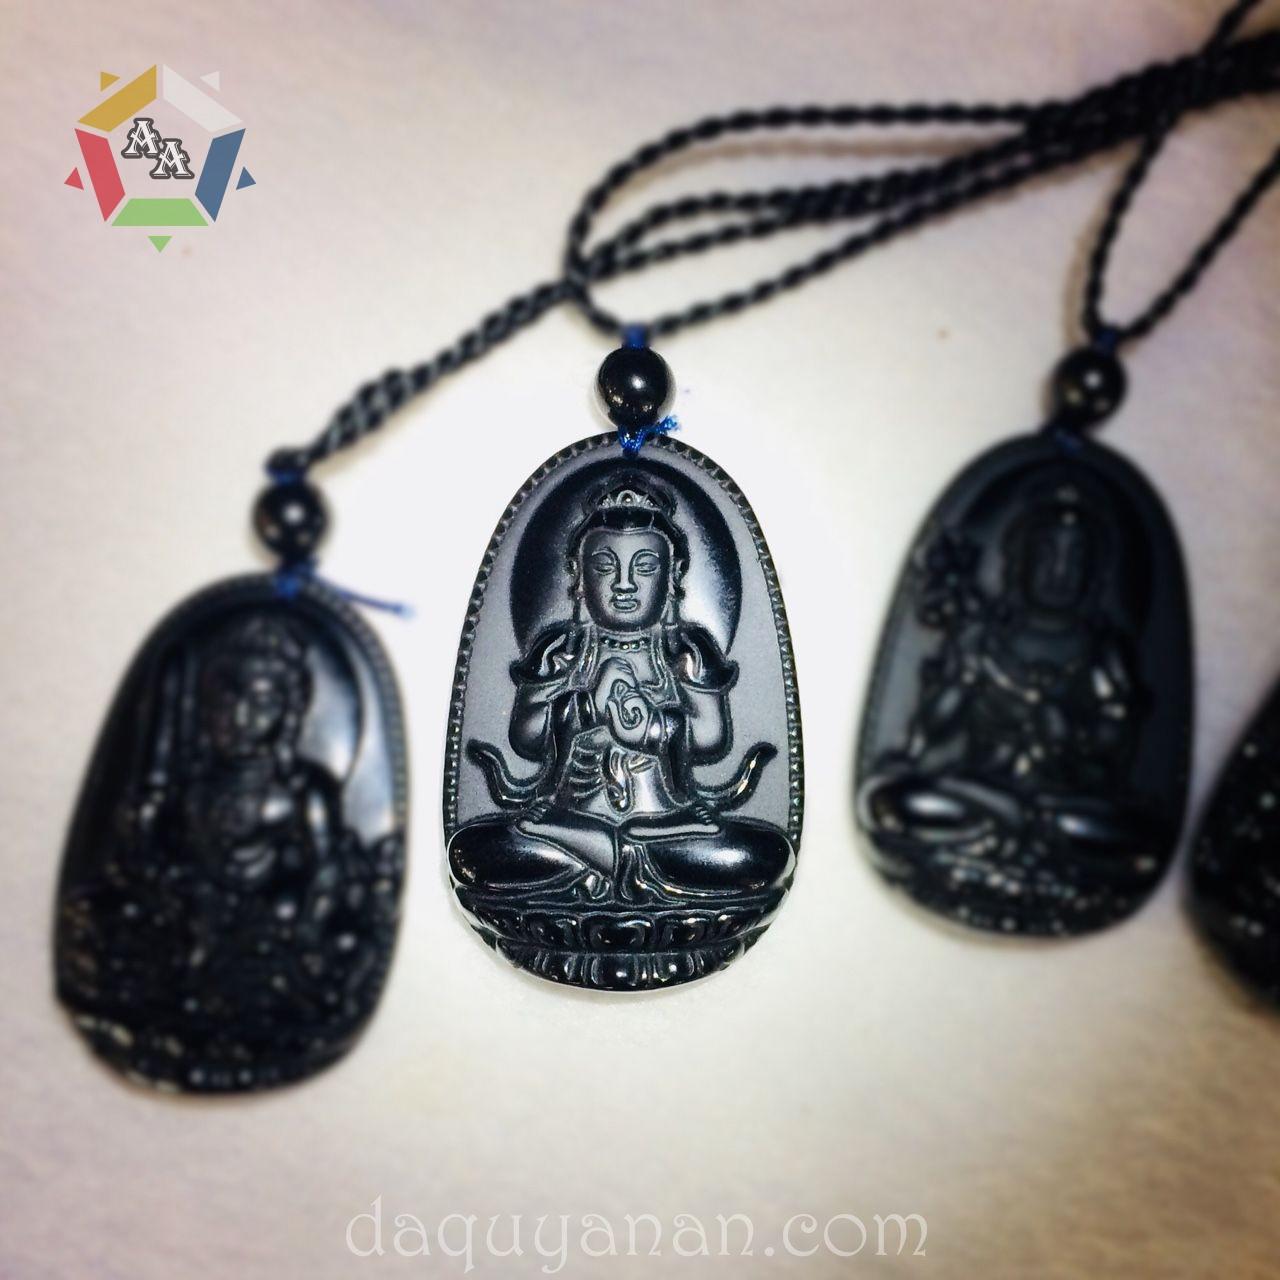 Phật bản mệnh Như Lai Đại Nhật - Phật bản mệnh tuổi Mùi, Thân